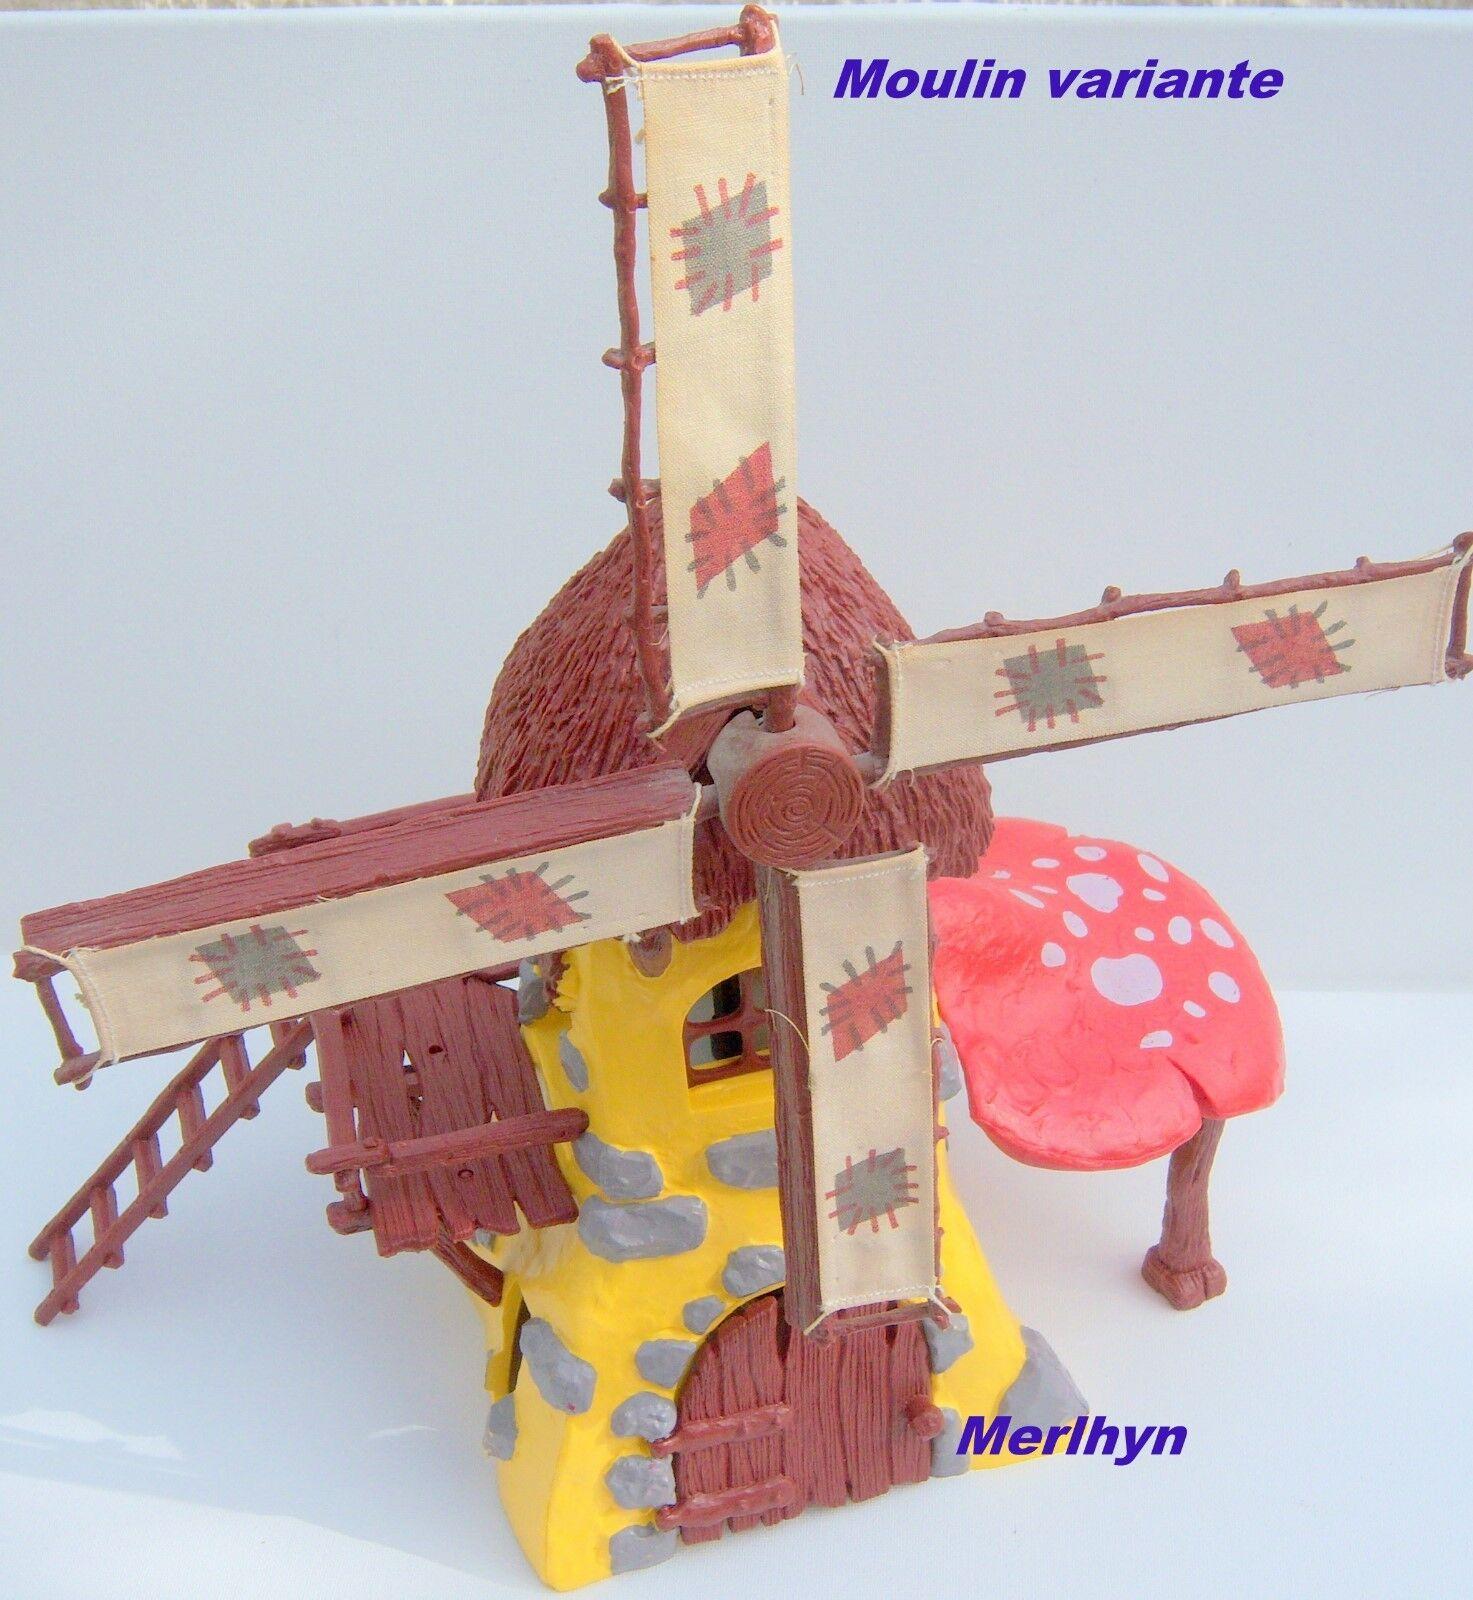 5200 Schtroumpf moulin gituttio Smurf pitufo puffo  puffi schtroumpfette complet  senza esitazione! acquista ora!